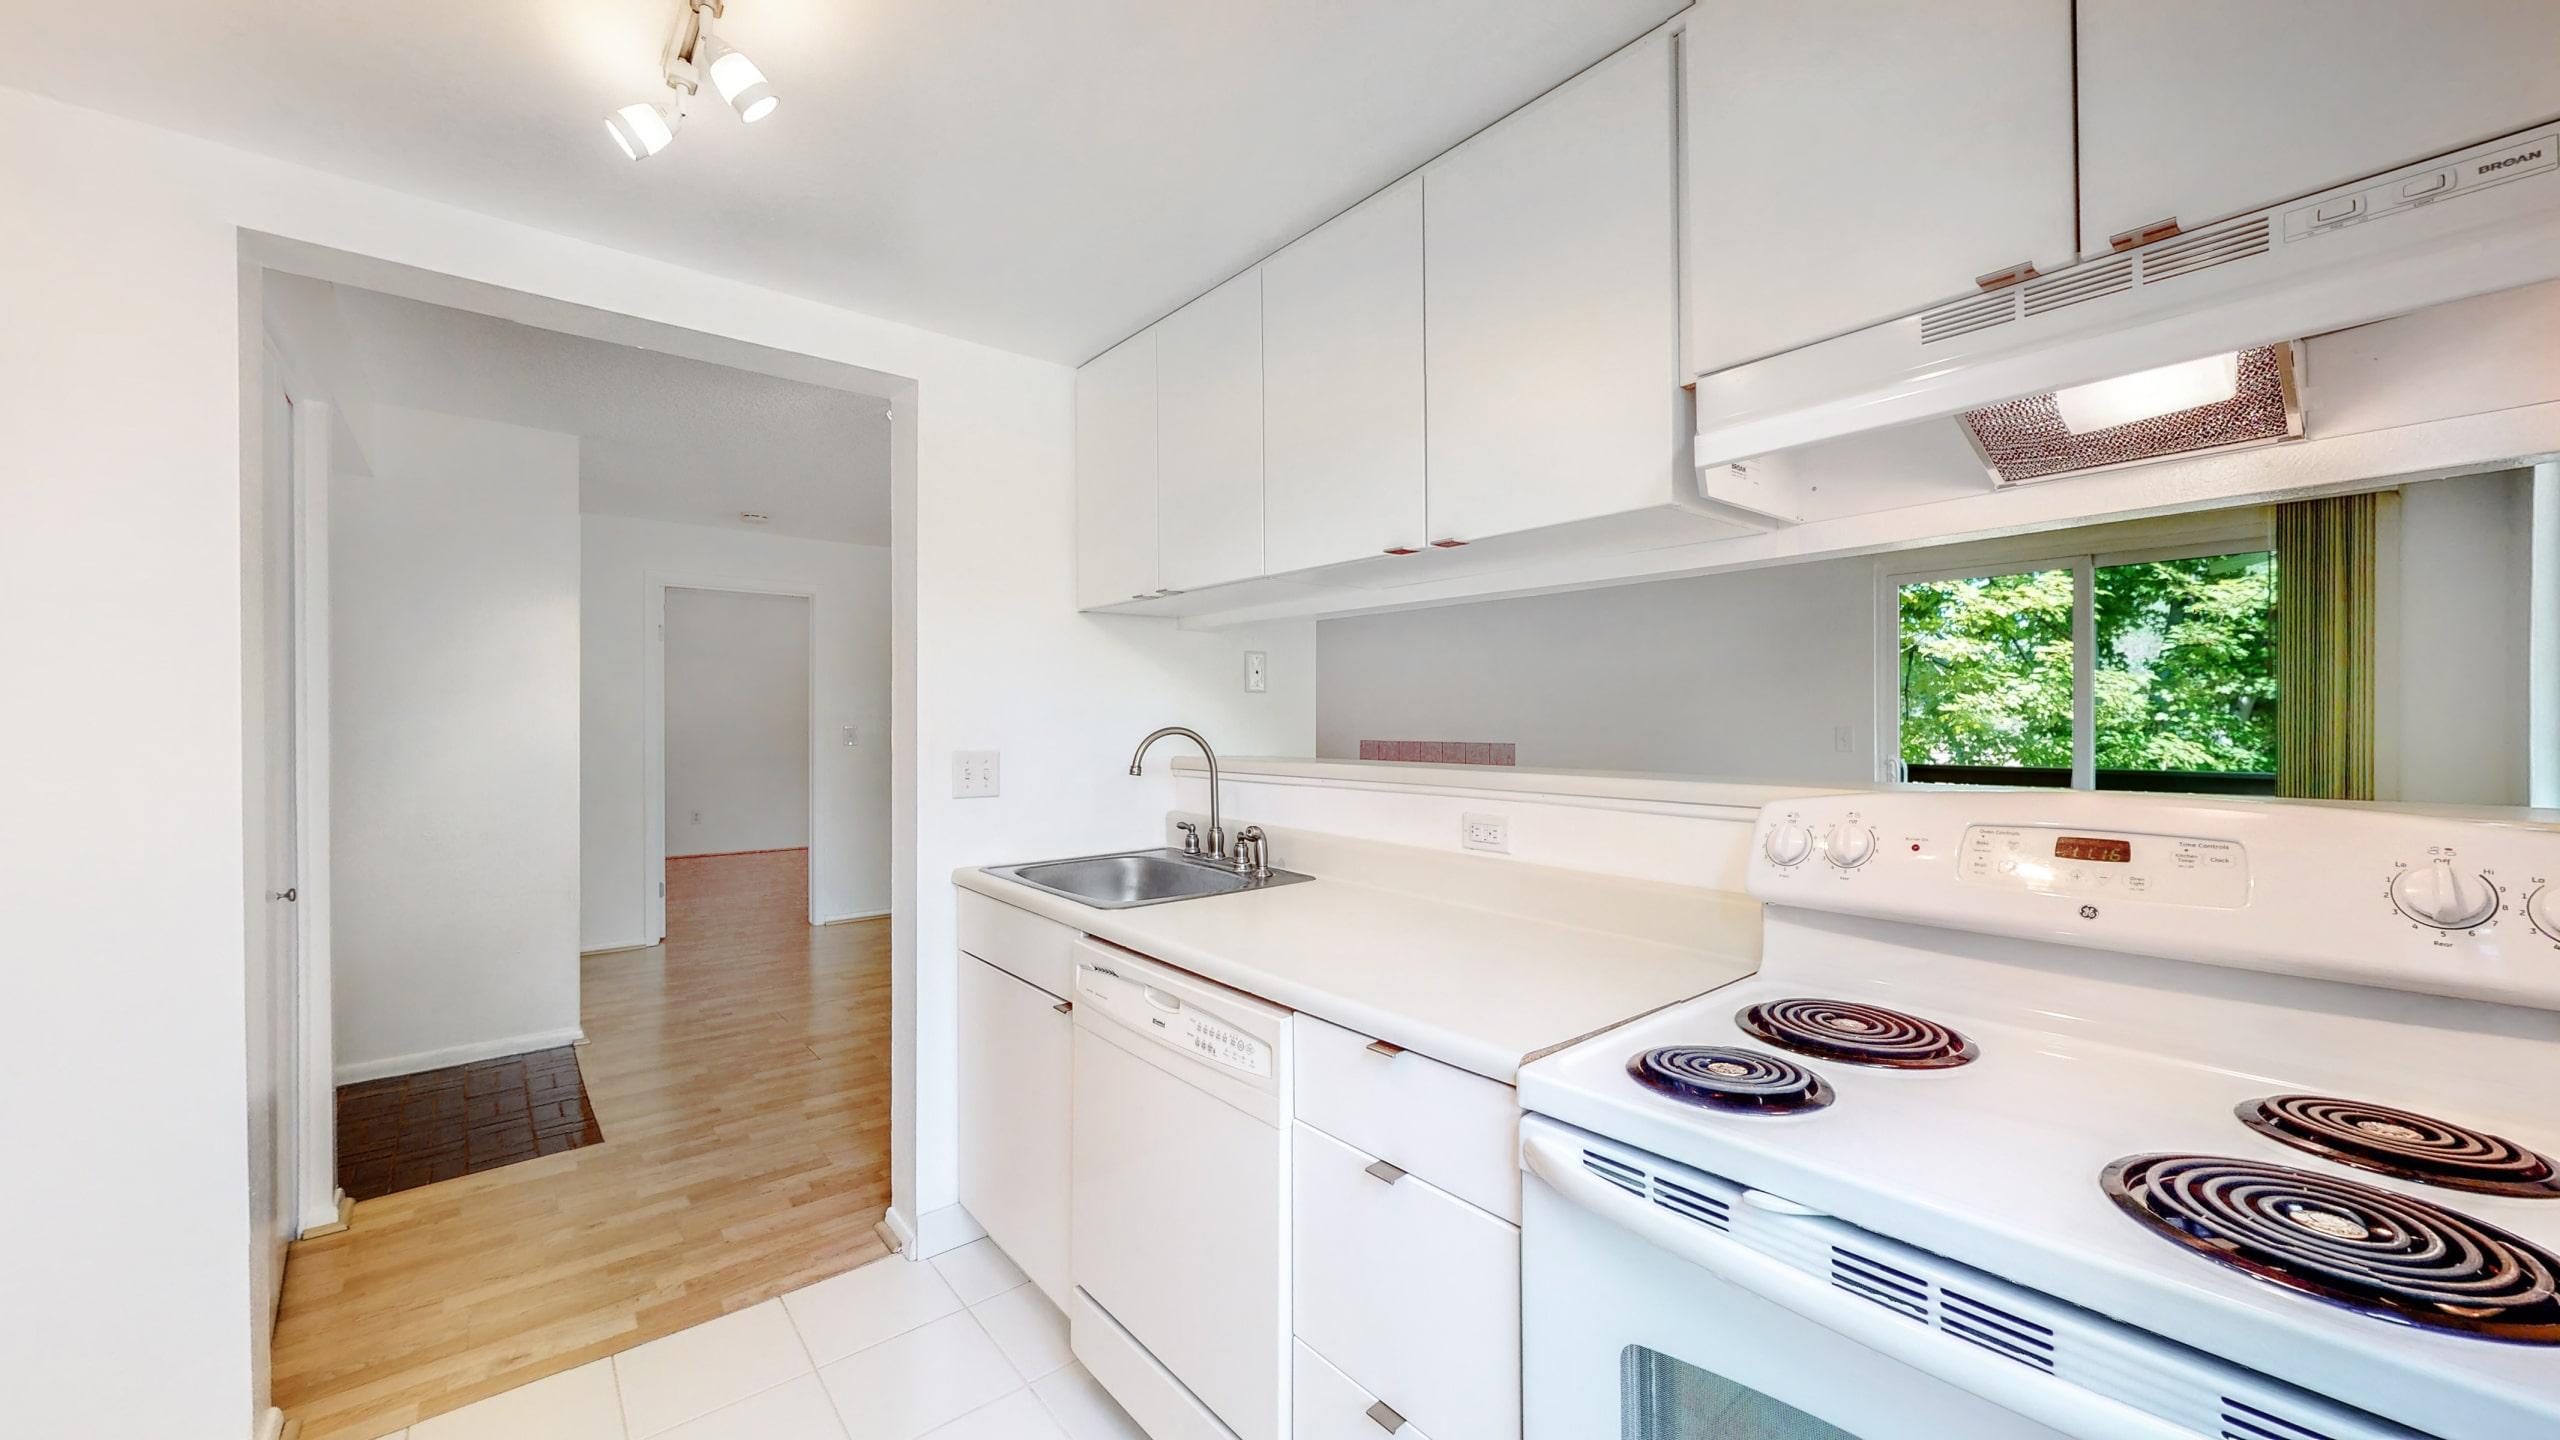 Aurora, CO Condo For Sale at Spinnaker Run II Updated White Kitchen